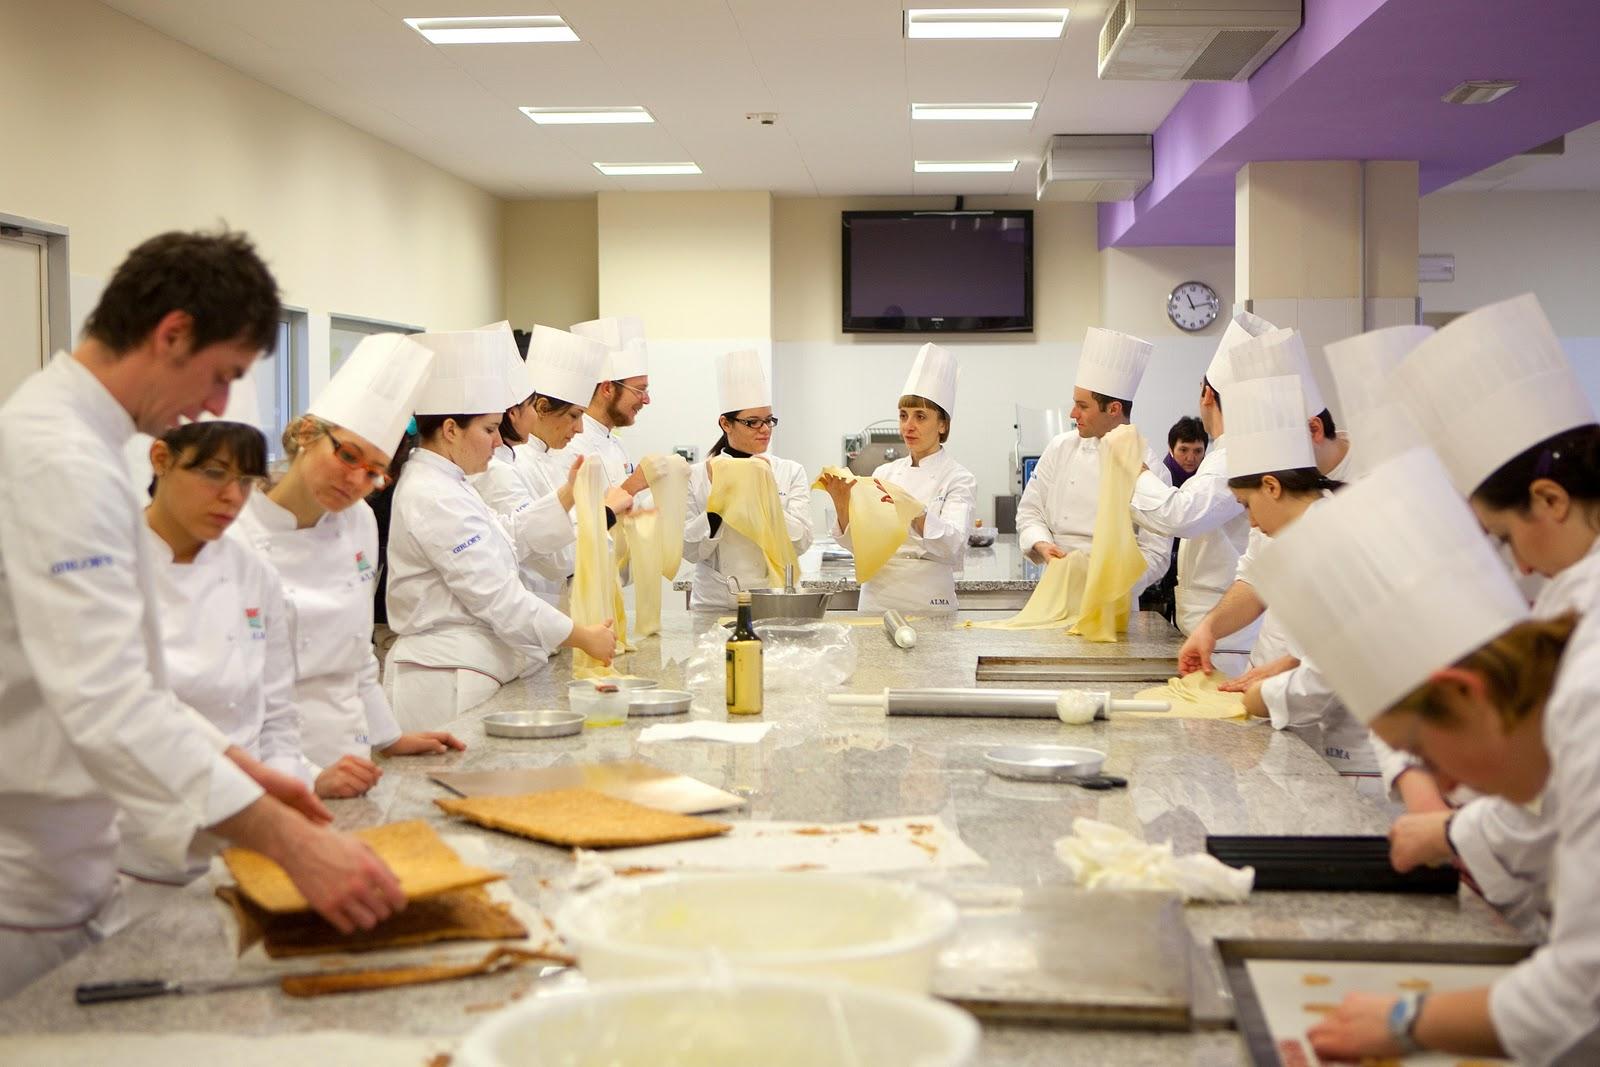 Scuola cucina italiana idee per la casa douglasfalls.com